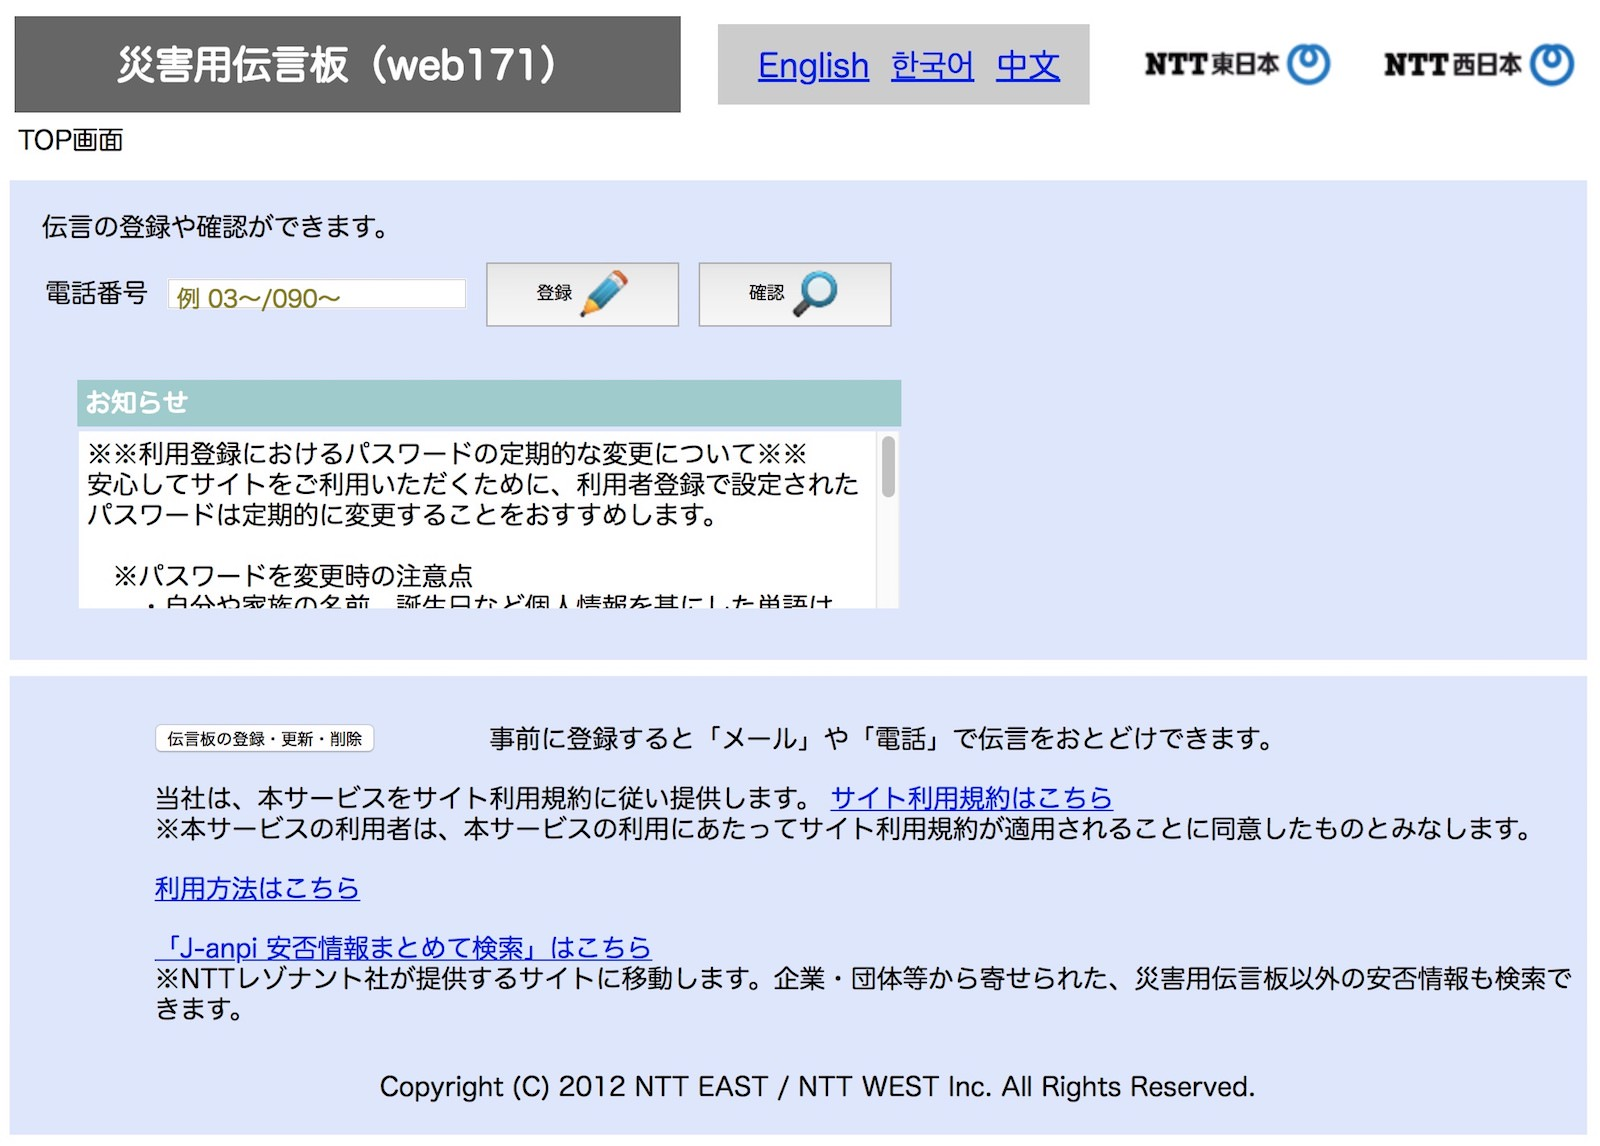 Web171 ntt